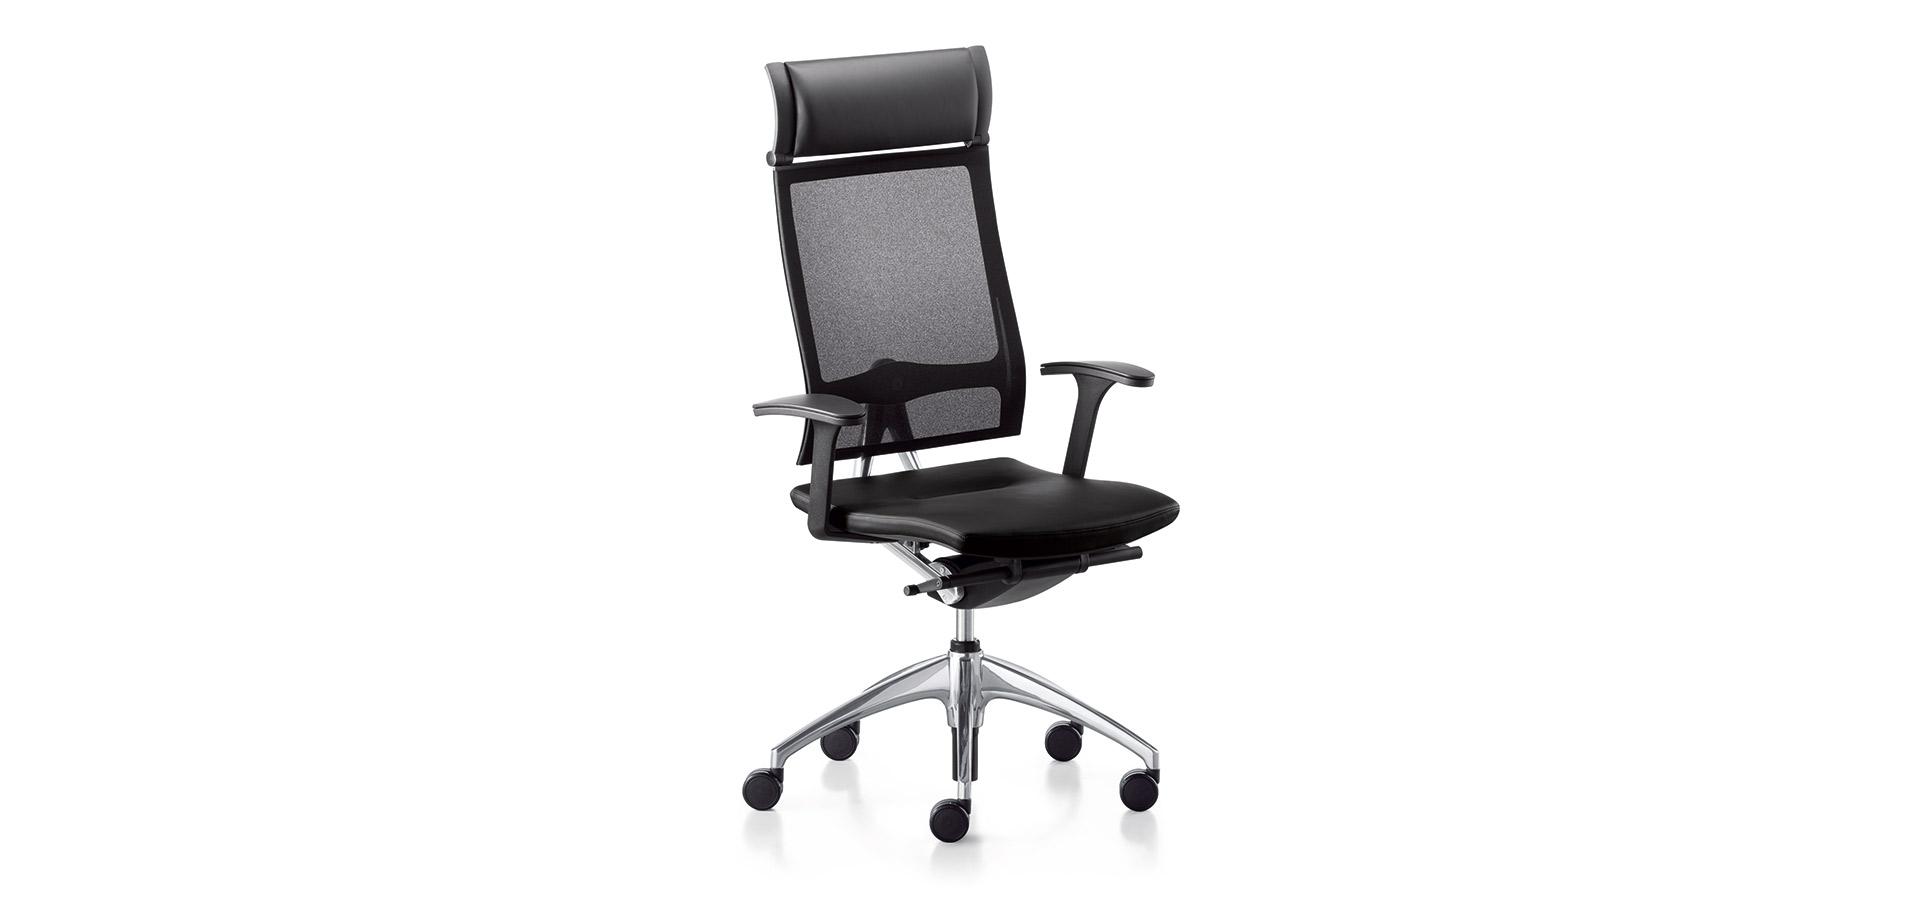 sedus open up bureaustoel up kantoorinrichting. Black Bedroom Furniture Sets. Home Design Ideas